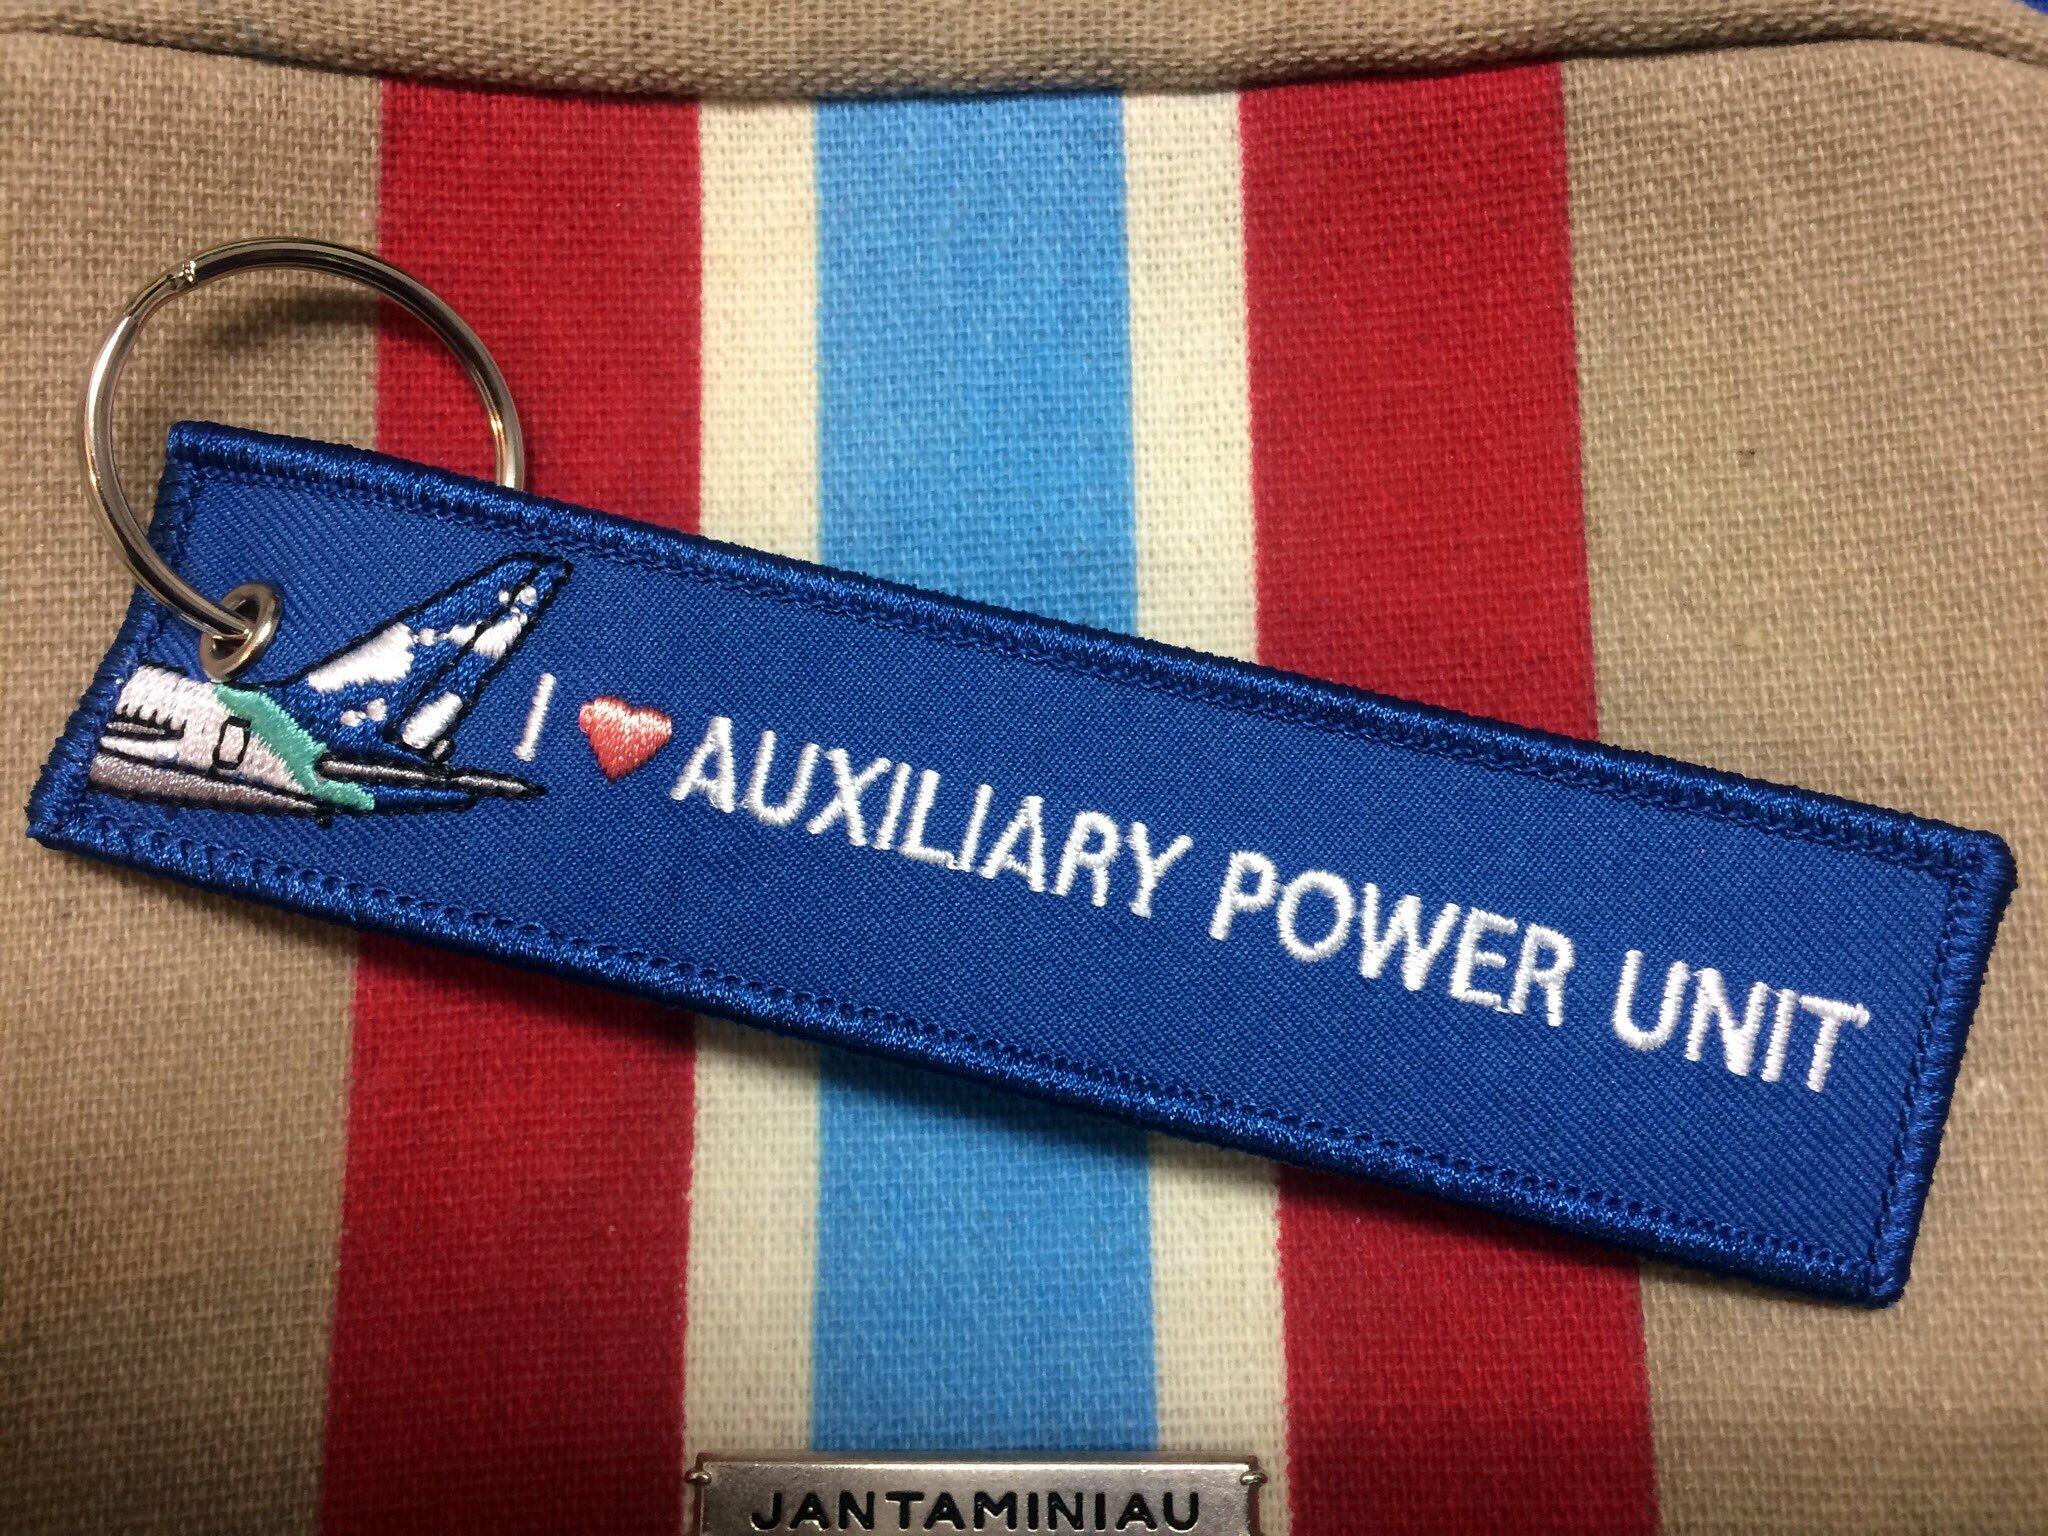 空野家のなかまたち/I LOVE AUXILIARY POWER UNIT APUにはまりたいタグキーホルダー